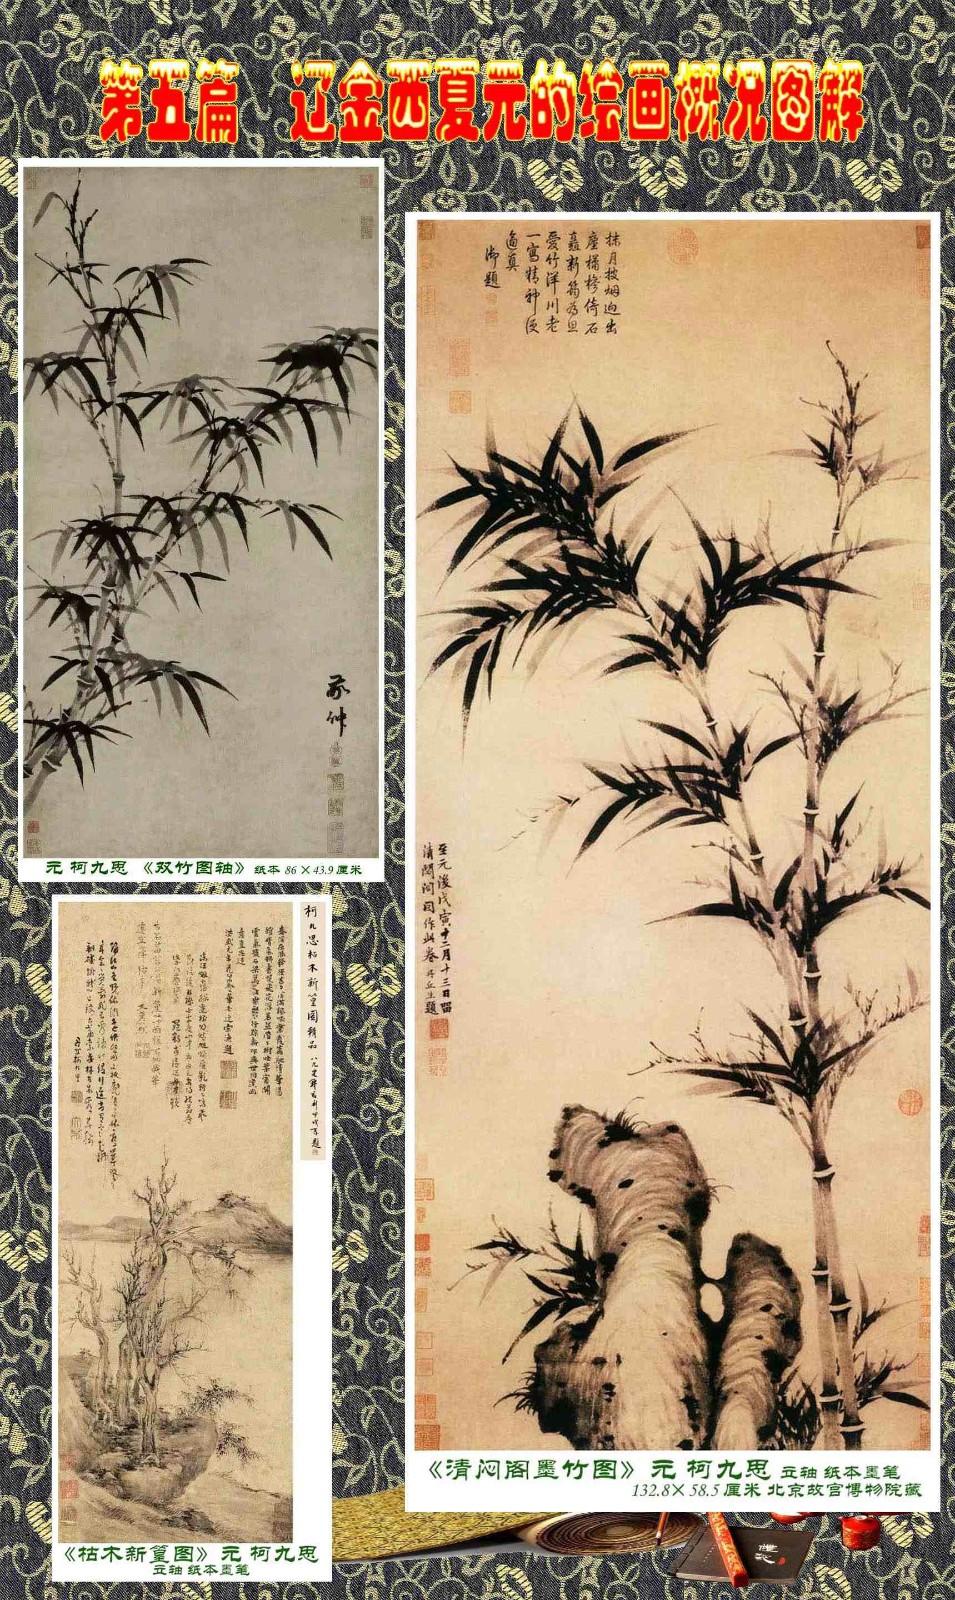 顾绍骅编辑 中国画知识普及版 第五篇 辽金西夏元的绘画概况 下 ... ..._图1-3